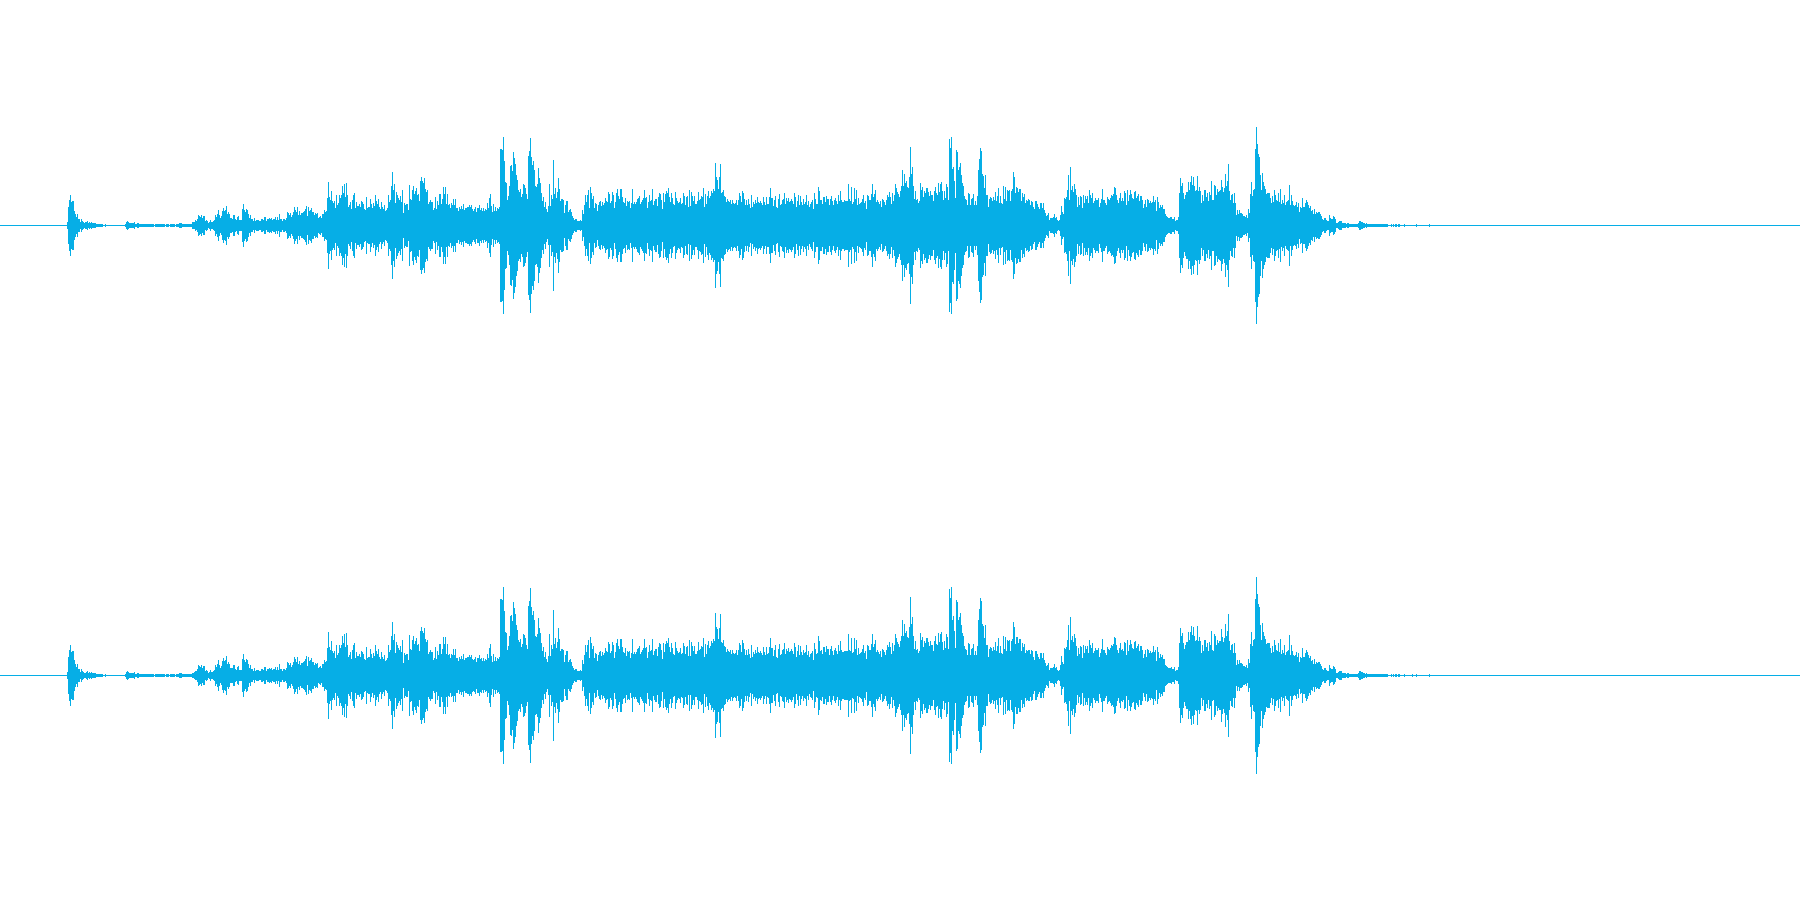 【プリンター01-2】の再生済みの波形